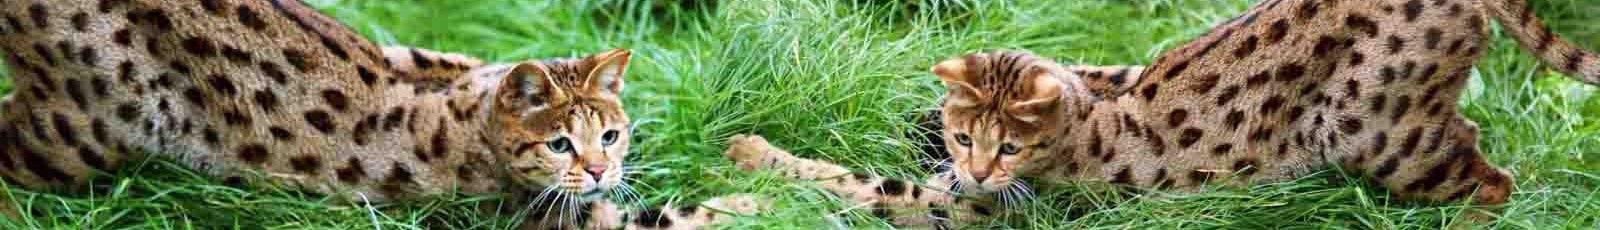 Savannah, hybride de serval chatons 4ème et 5ème génération